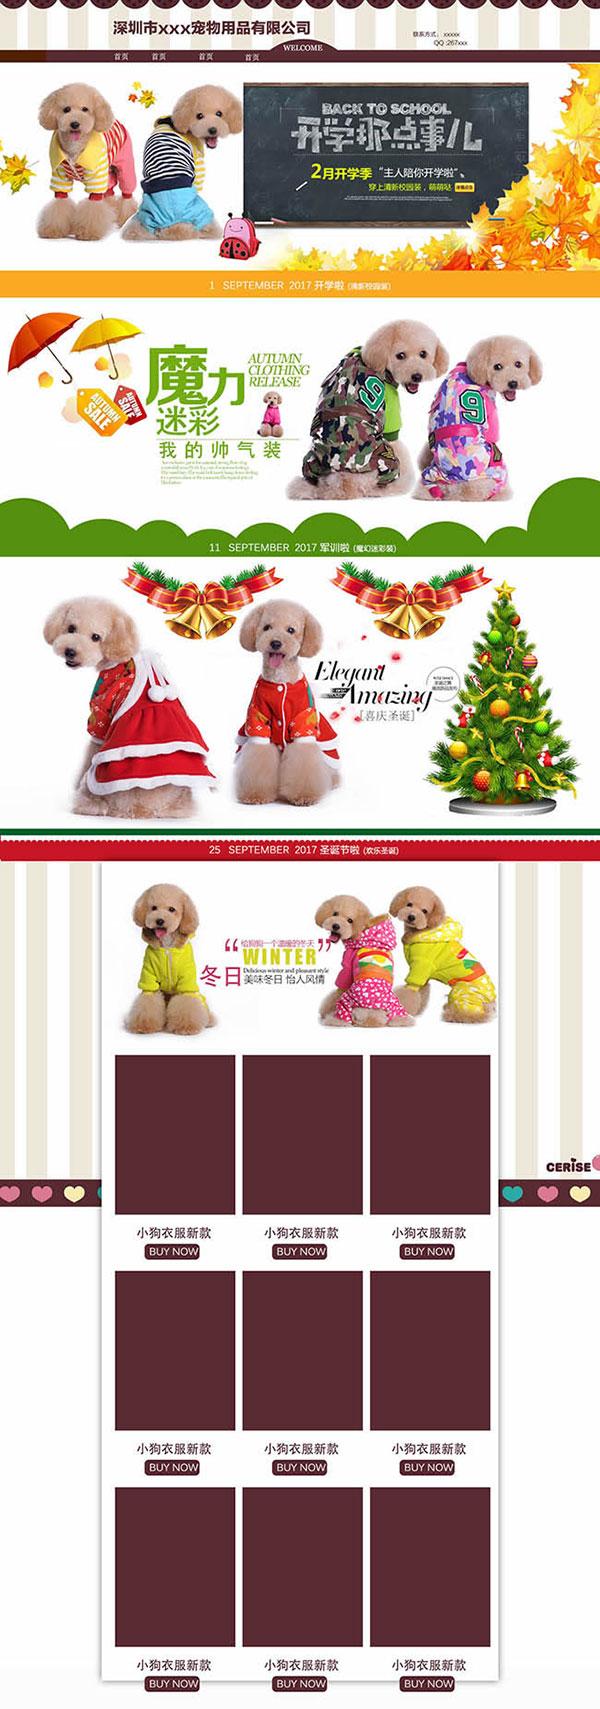 衣服,动物服装,宠物衣服,宠物小衣服,网店模板,天猫模板,淘宝模板